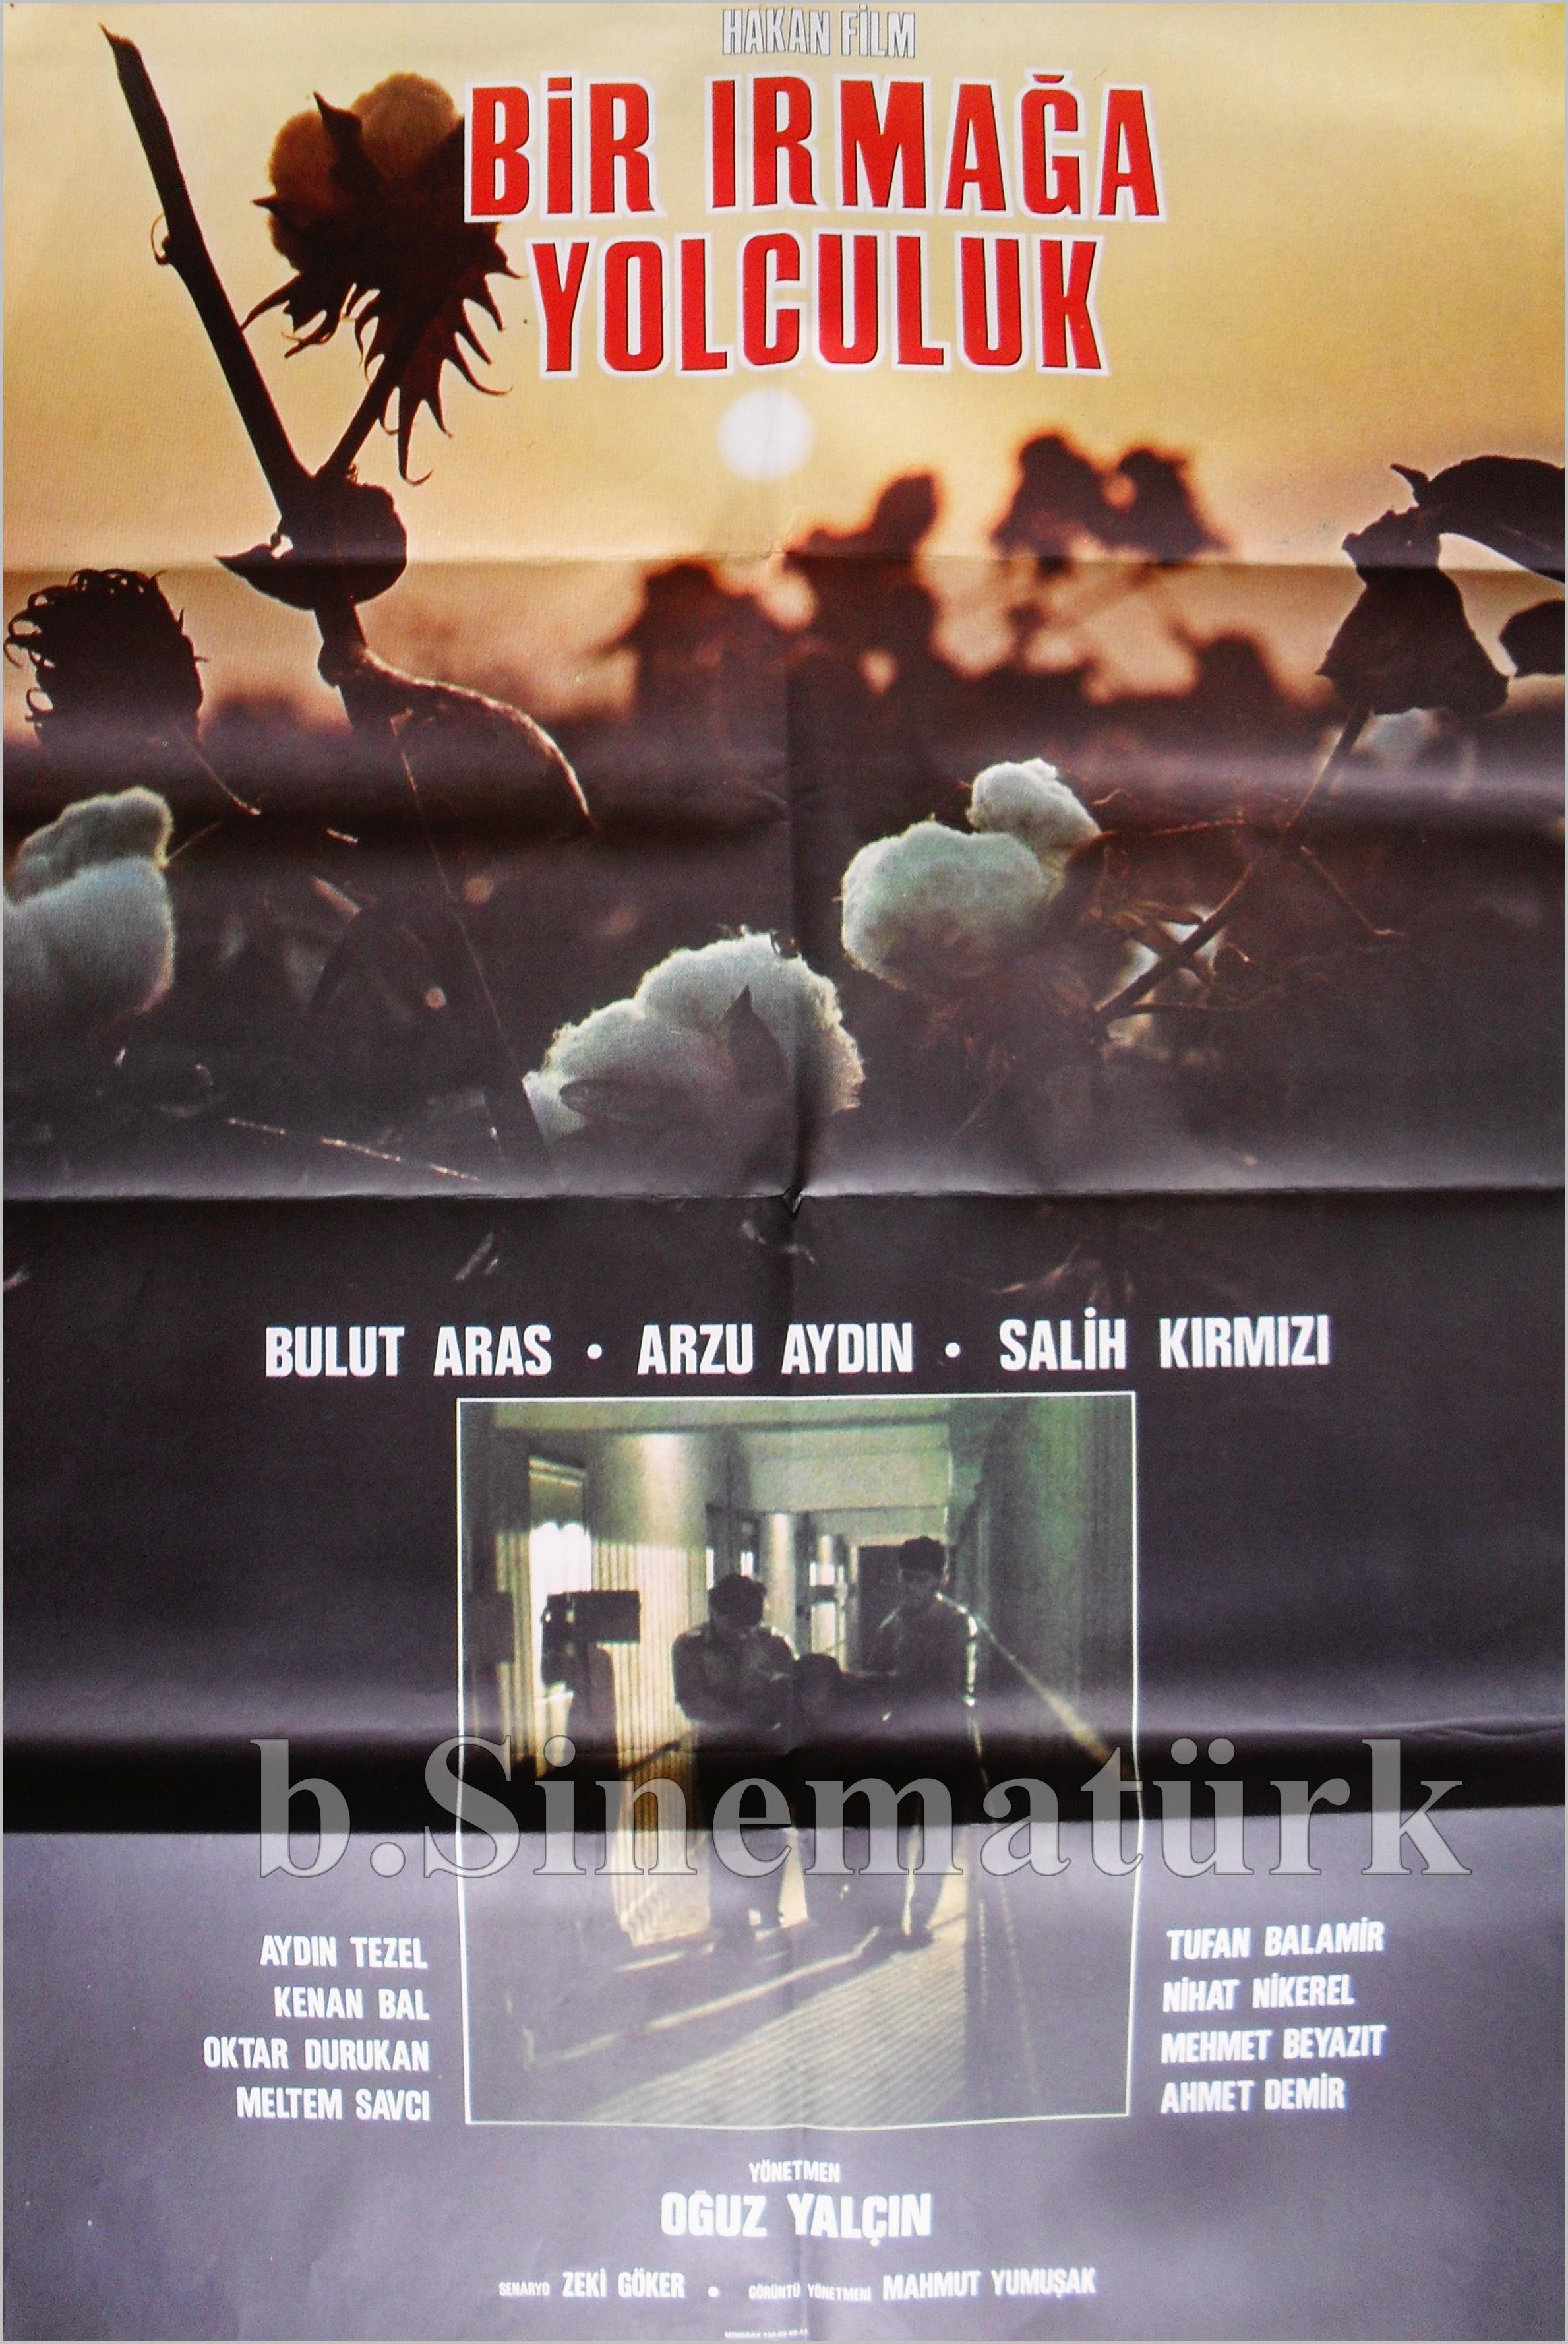 Bir irmaga yolculuk ((1988))